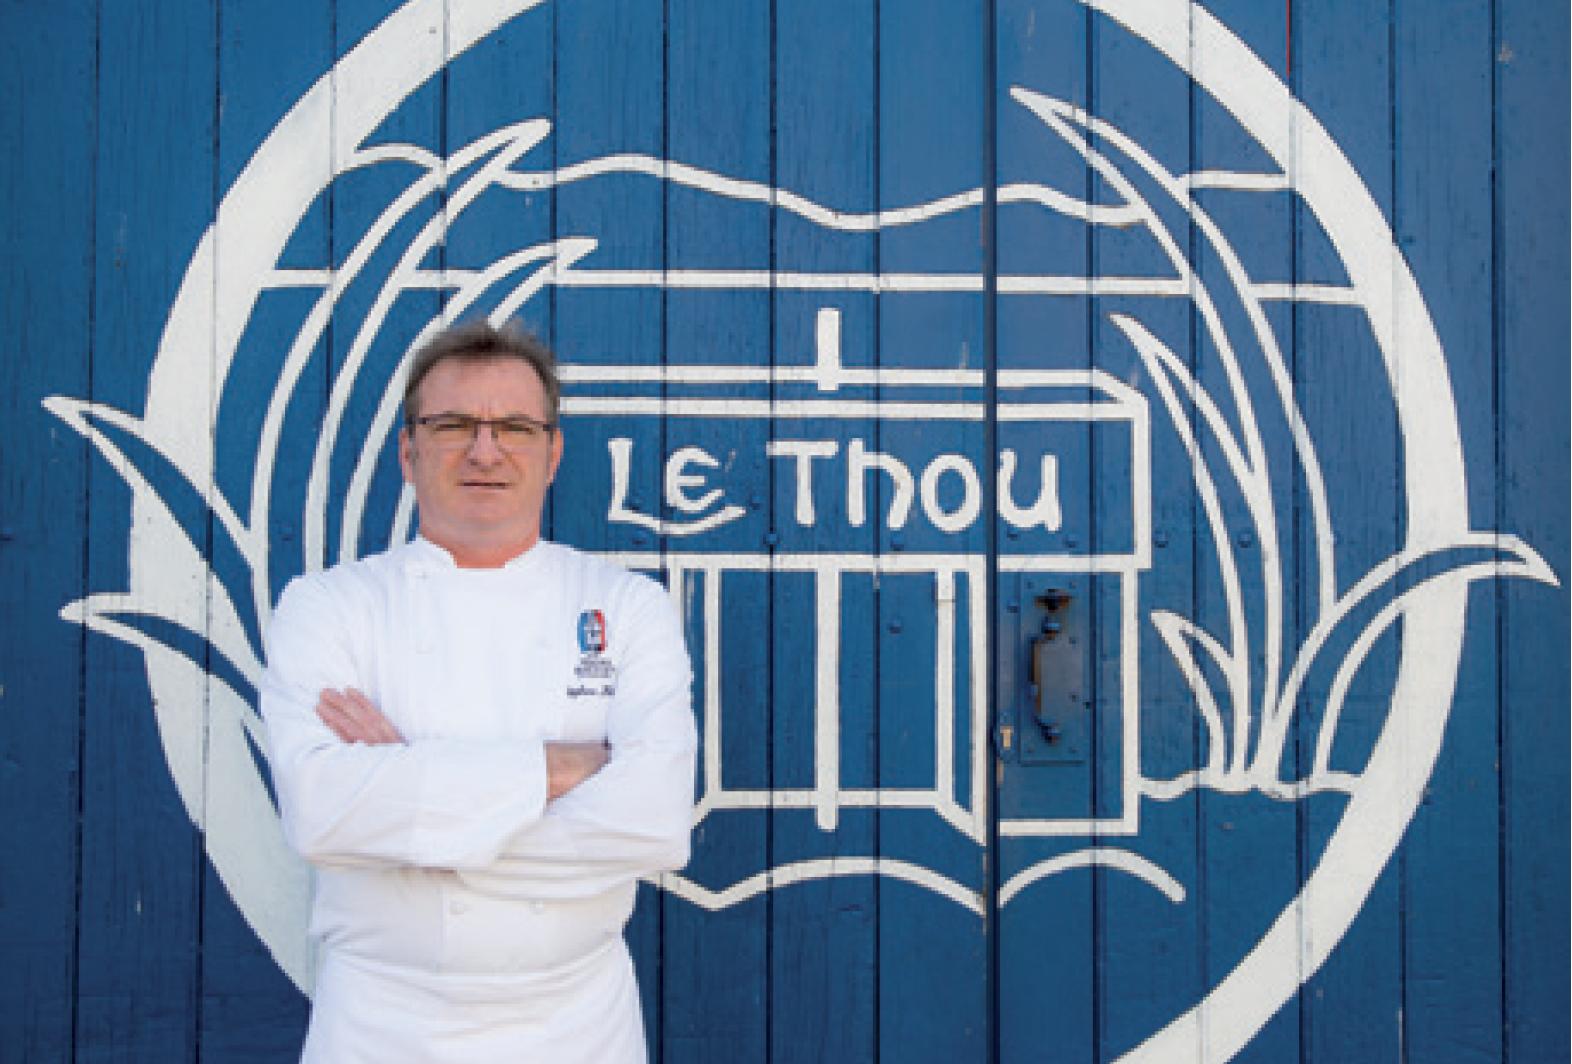 Restaurant Le Thou - Stéphane Konig